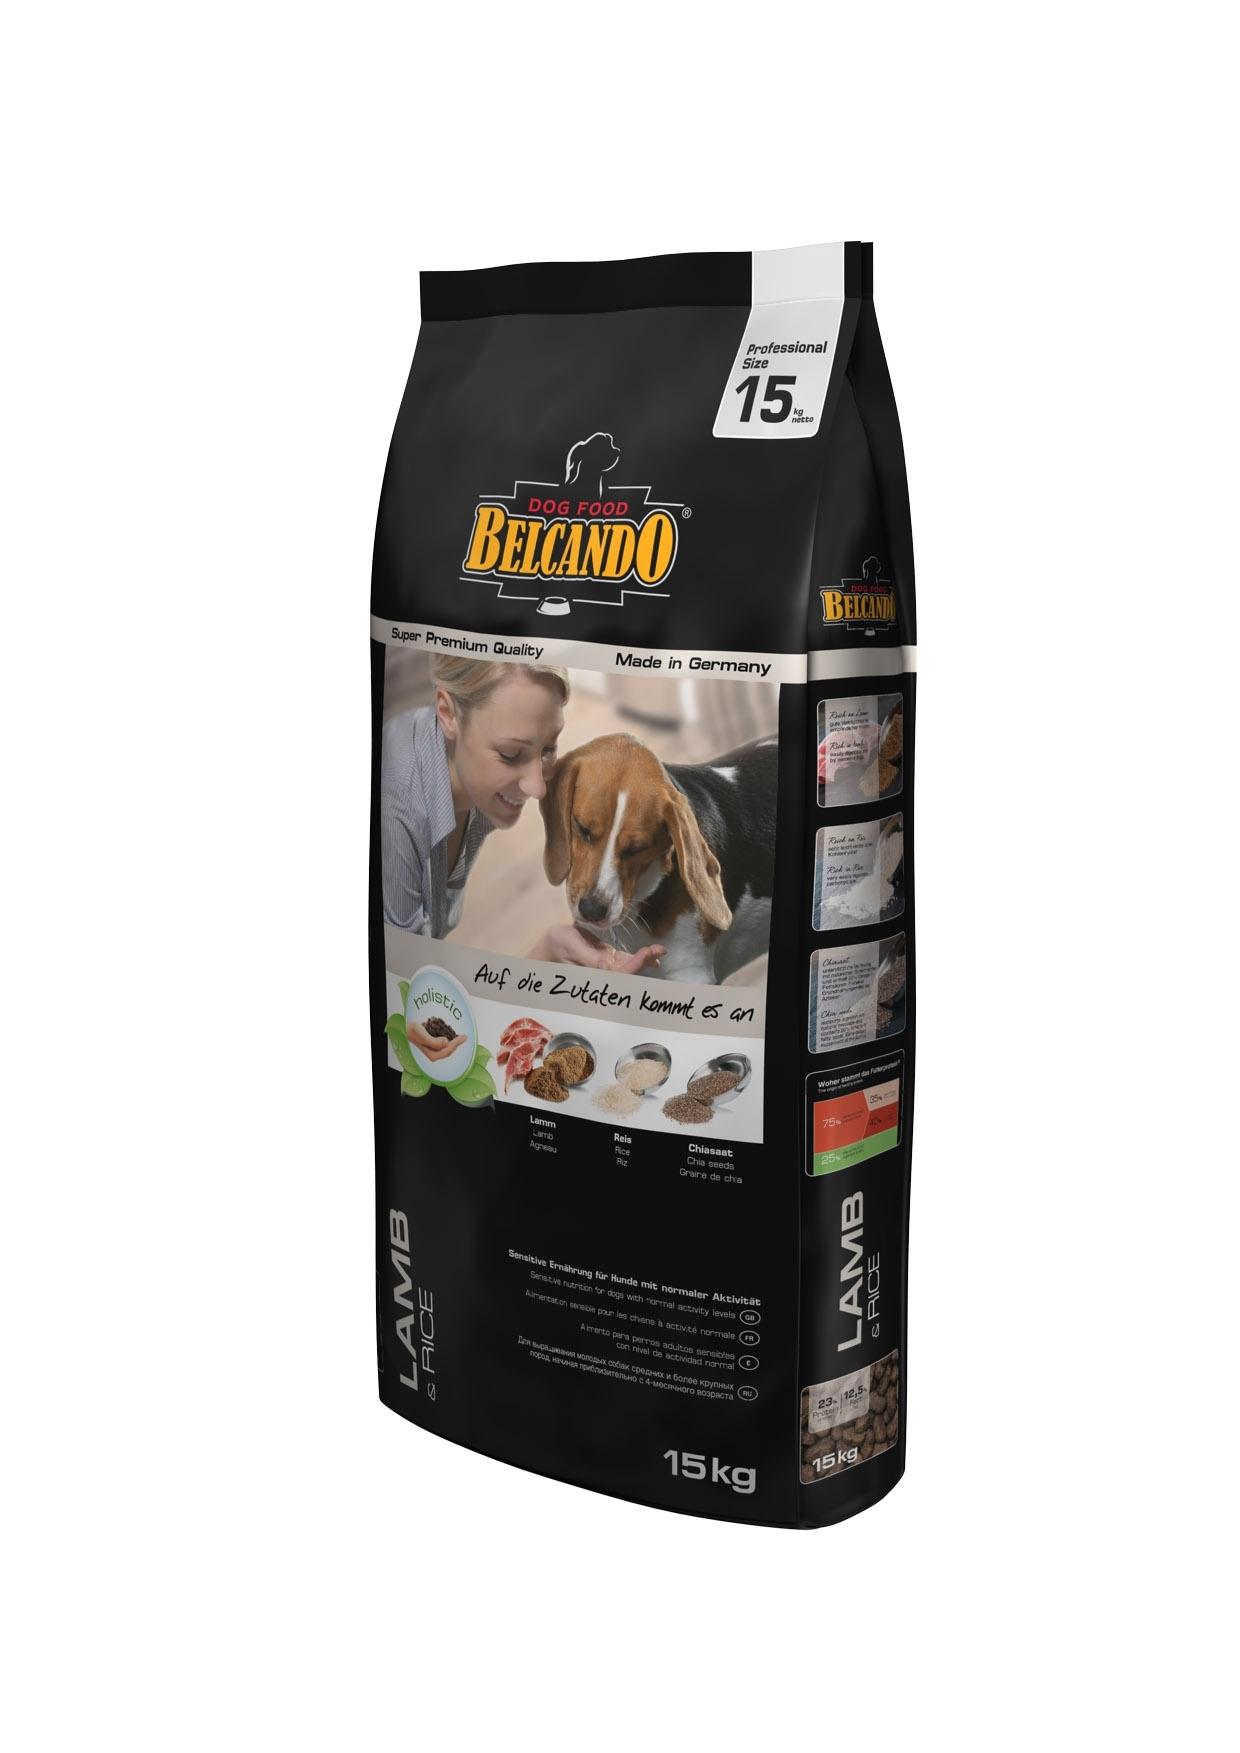 Корм сухой Belcando Lamb Rice, гипоаллергенный, для взрослых собак с нормальной активностью, на основе ягненка, 15 кг26087Особая формула корма Belcando Lamb Rice ориентирована на собак, которые страдают пищевыми расстройствами, а так же индивидуальной непереносимостью таких популярных мясных ингредиентов, как говядина и мясо цыпленка. Ягненок и рис - лучшая основа для гипоаллергенного корма, которая позволяет избежать непереносимости у чувствительных животных, но при этом получить все необходимые питательные вещества, витамины и микроэлементы. Изготовлен без применения пшеницы, сои, кукурузы и молочных продуктов. Состав: рис (40 %); сухое мясо ягненка (15 %); сухое мясо птицы пониженной зольности (12,5 %); овес; жир домашней птицы; рафинированное растительное масло; вытяжка из виноградной косточки; пивные дрожжи; семена чии (1,5 %); овсяные хлопья; льняное семя; гидролизат печени птицы; поваренная соль; калий хлористый; травы (всего 0,2 %: листья крапивы, корень горечавки, золототысячник, ромашка, фенхель, тмин, омела, тысячелестник, листья ежевики); экстракт юкки. Питательные добавки: Витамин А: 13,000 МЕ/кг, Витамин Е: 130 мг/кг, Витамин D3: 1,300 МЕ/кг, Кальций: 1,4%, Фосфор: 0,9%. Содержание питательных веществ: Протеин: 23%, Жир: 12,5%, Клетчатка 3,2%, Зола: 6,5%, Влажность: 10%. Товар сертифицирован.